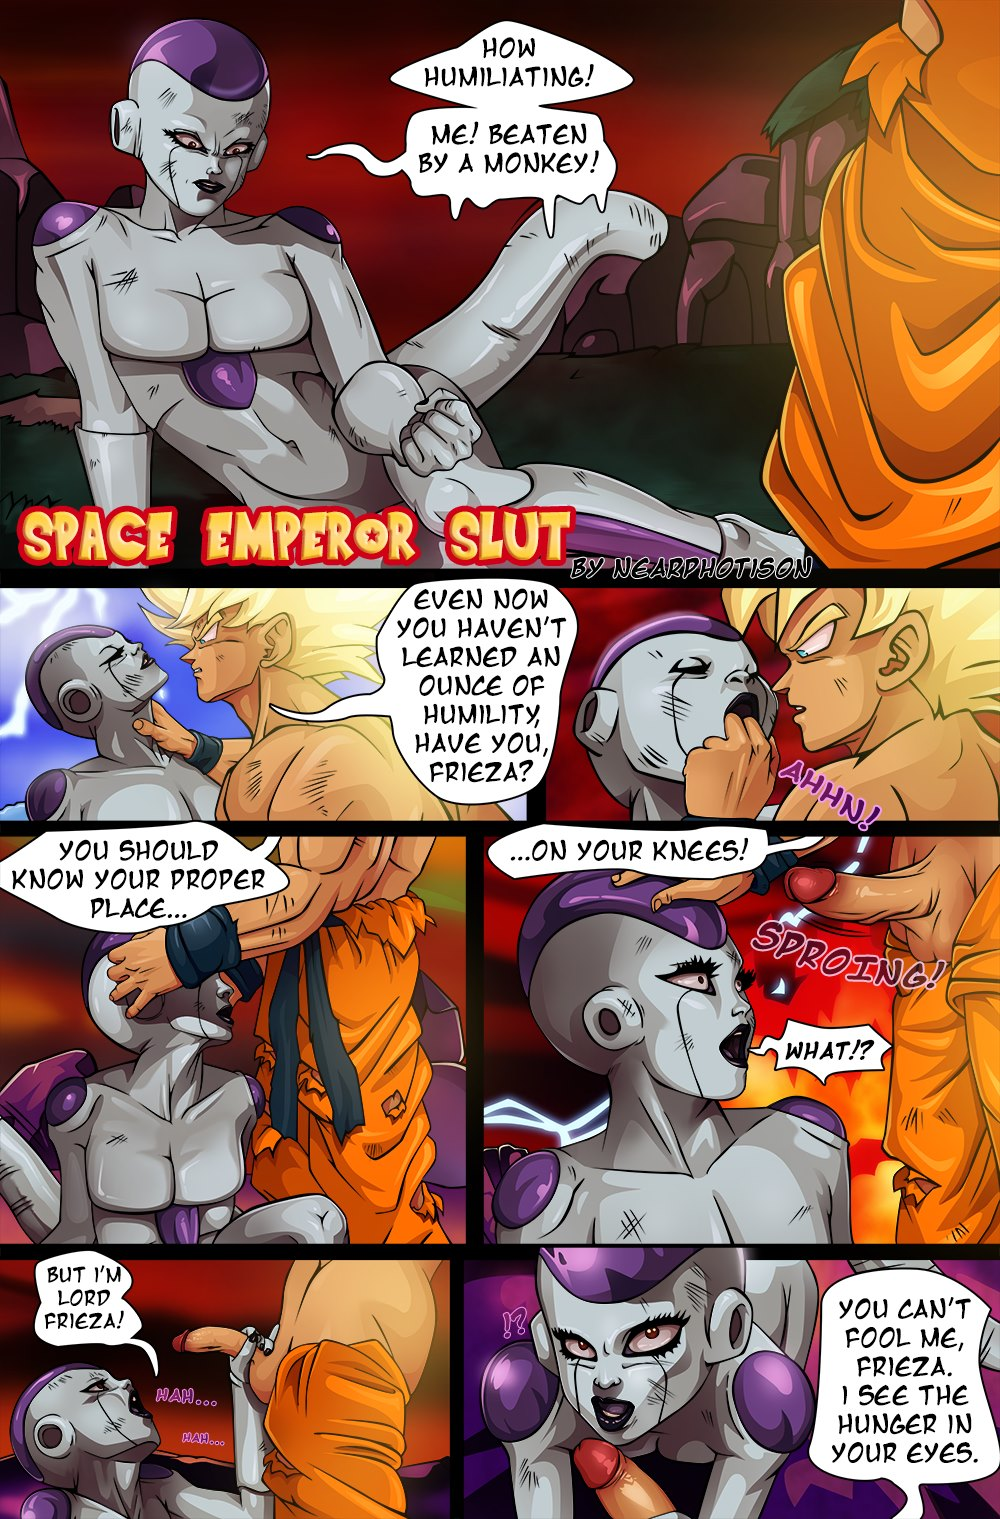 DBZ – Space Emperor Slut- Nearphotison image 1